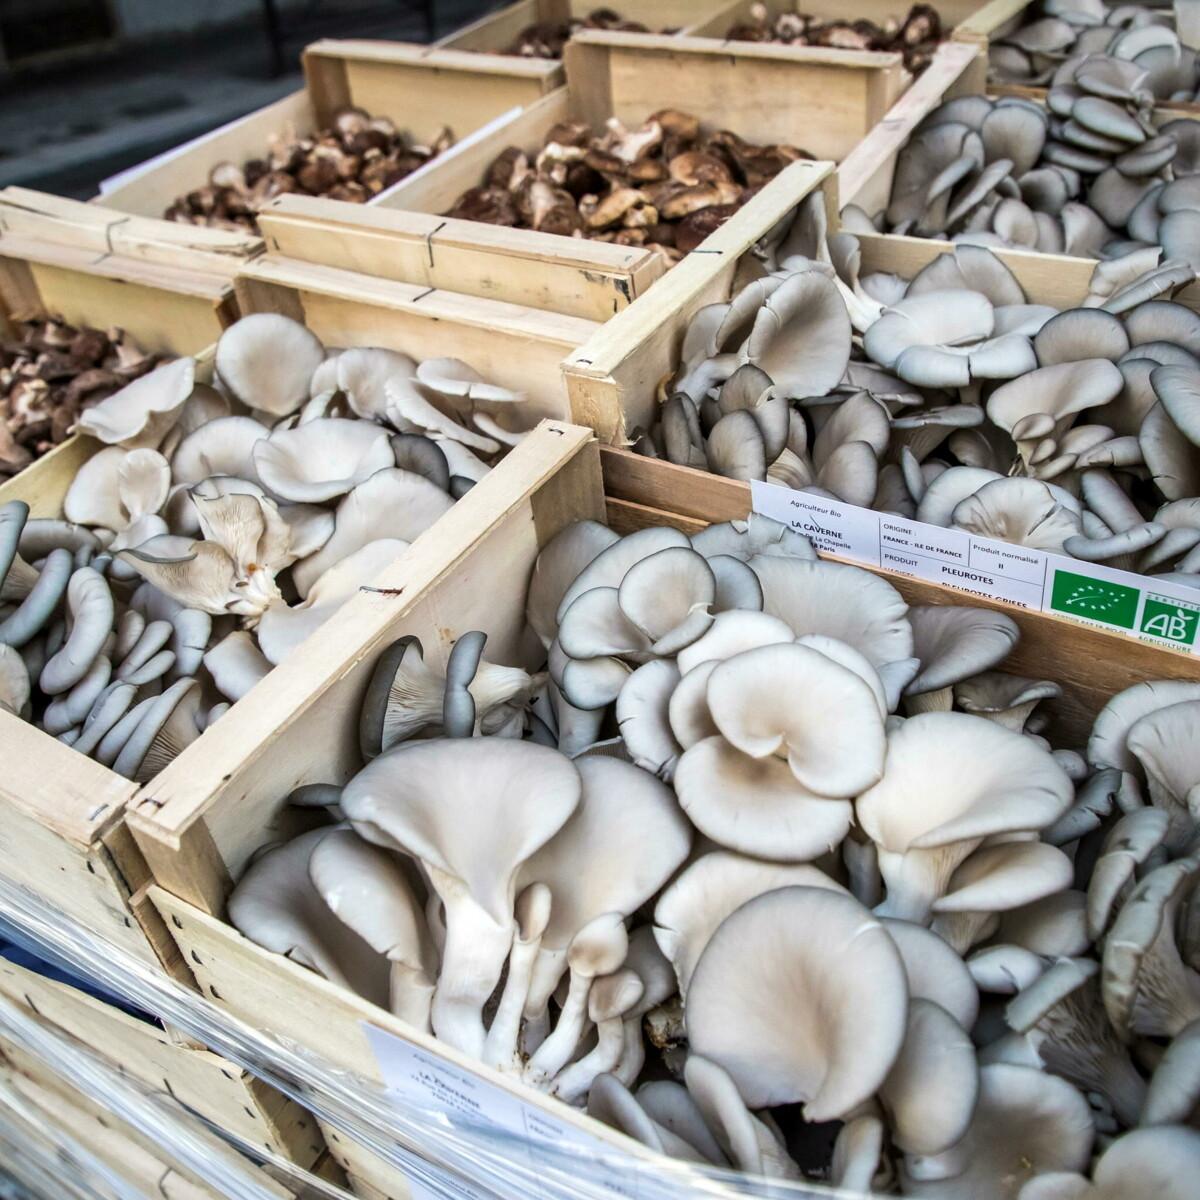 Anche i funghi commestibili contengono un po' di tossine, per questo è meglio cuocerli